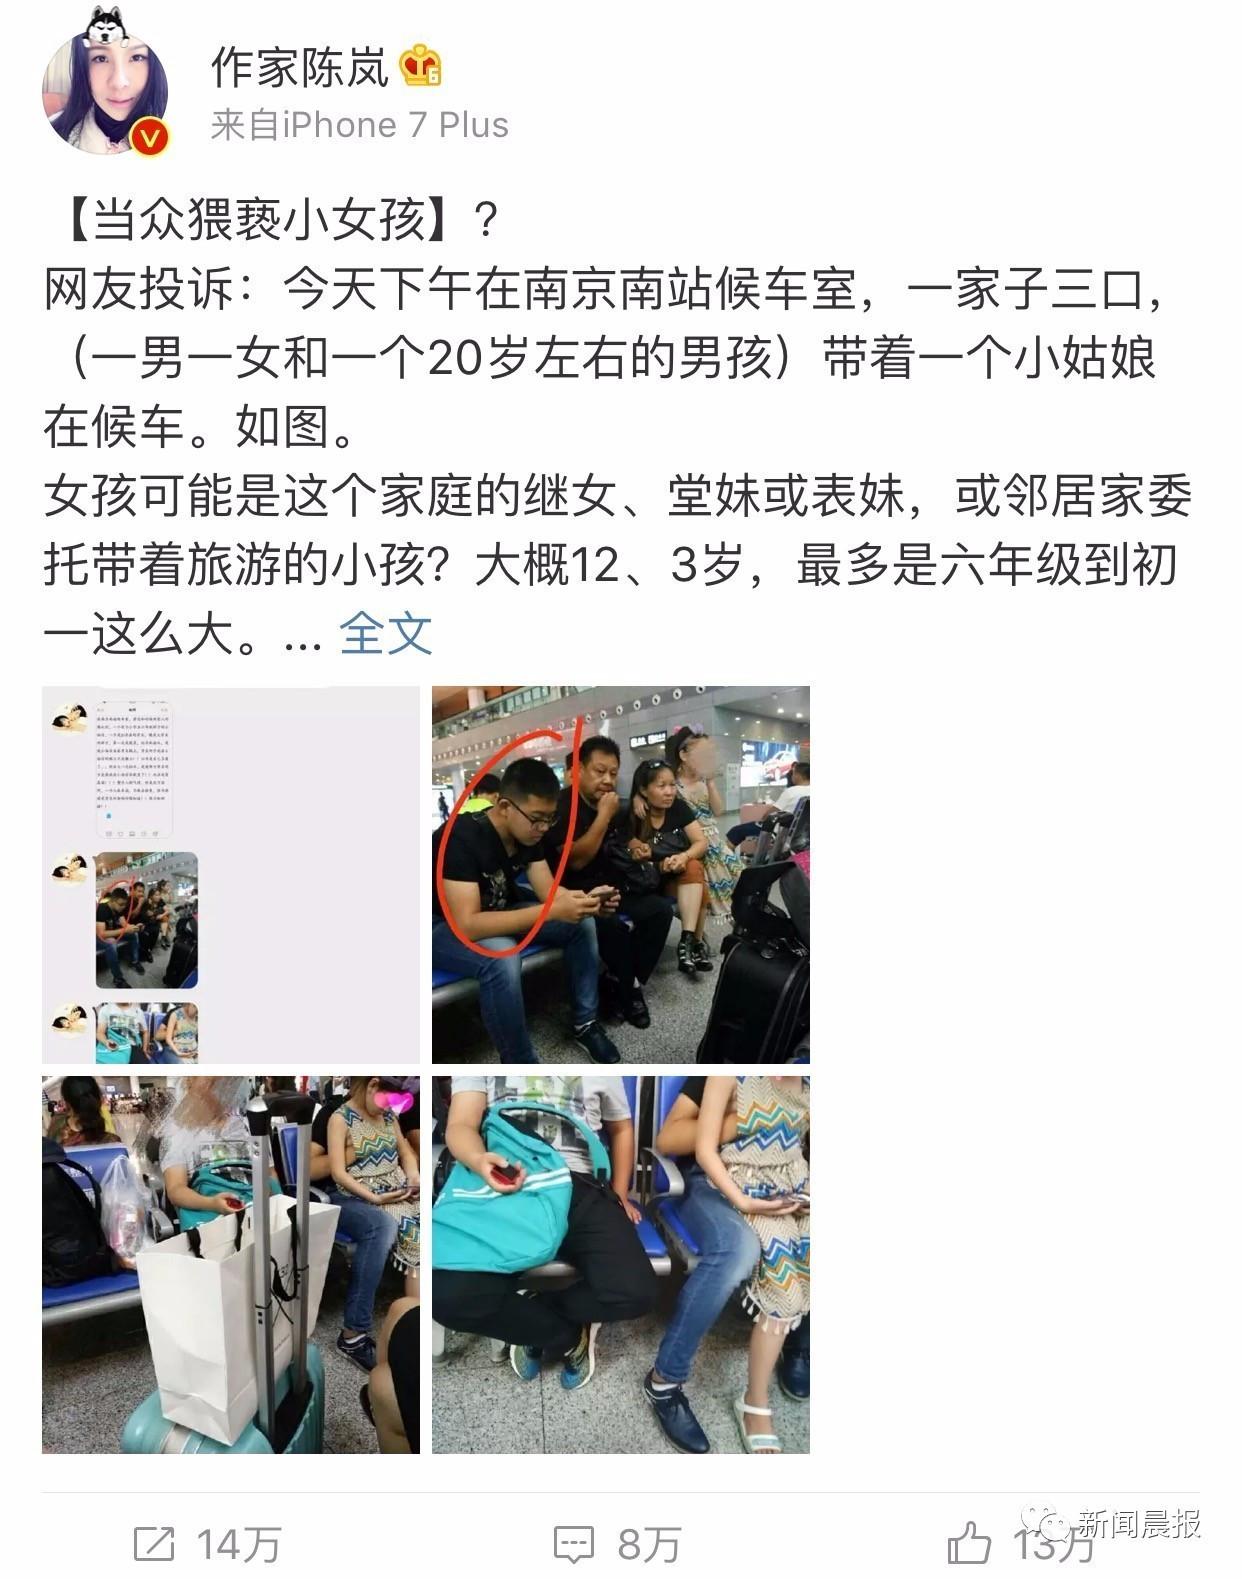 男子高铁站内当众猥亵小女孩!同行大人竟漠视!_手机搜狐网